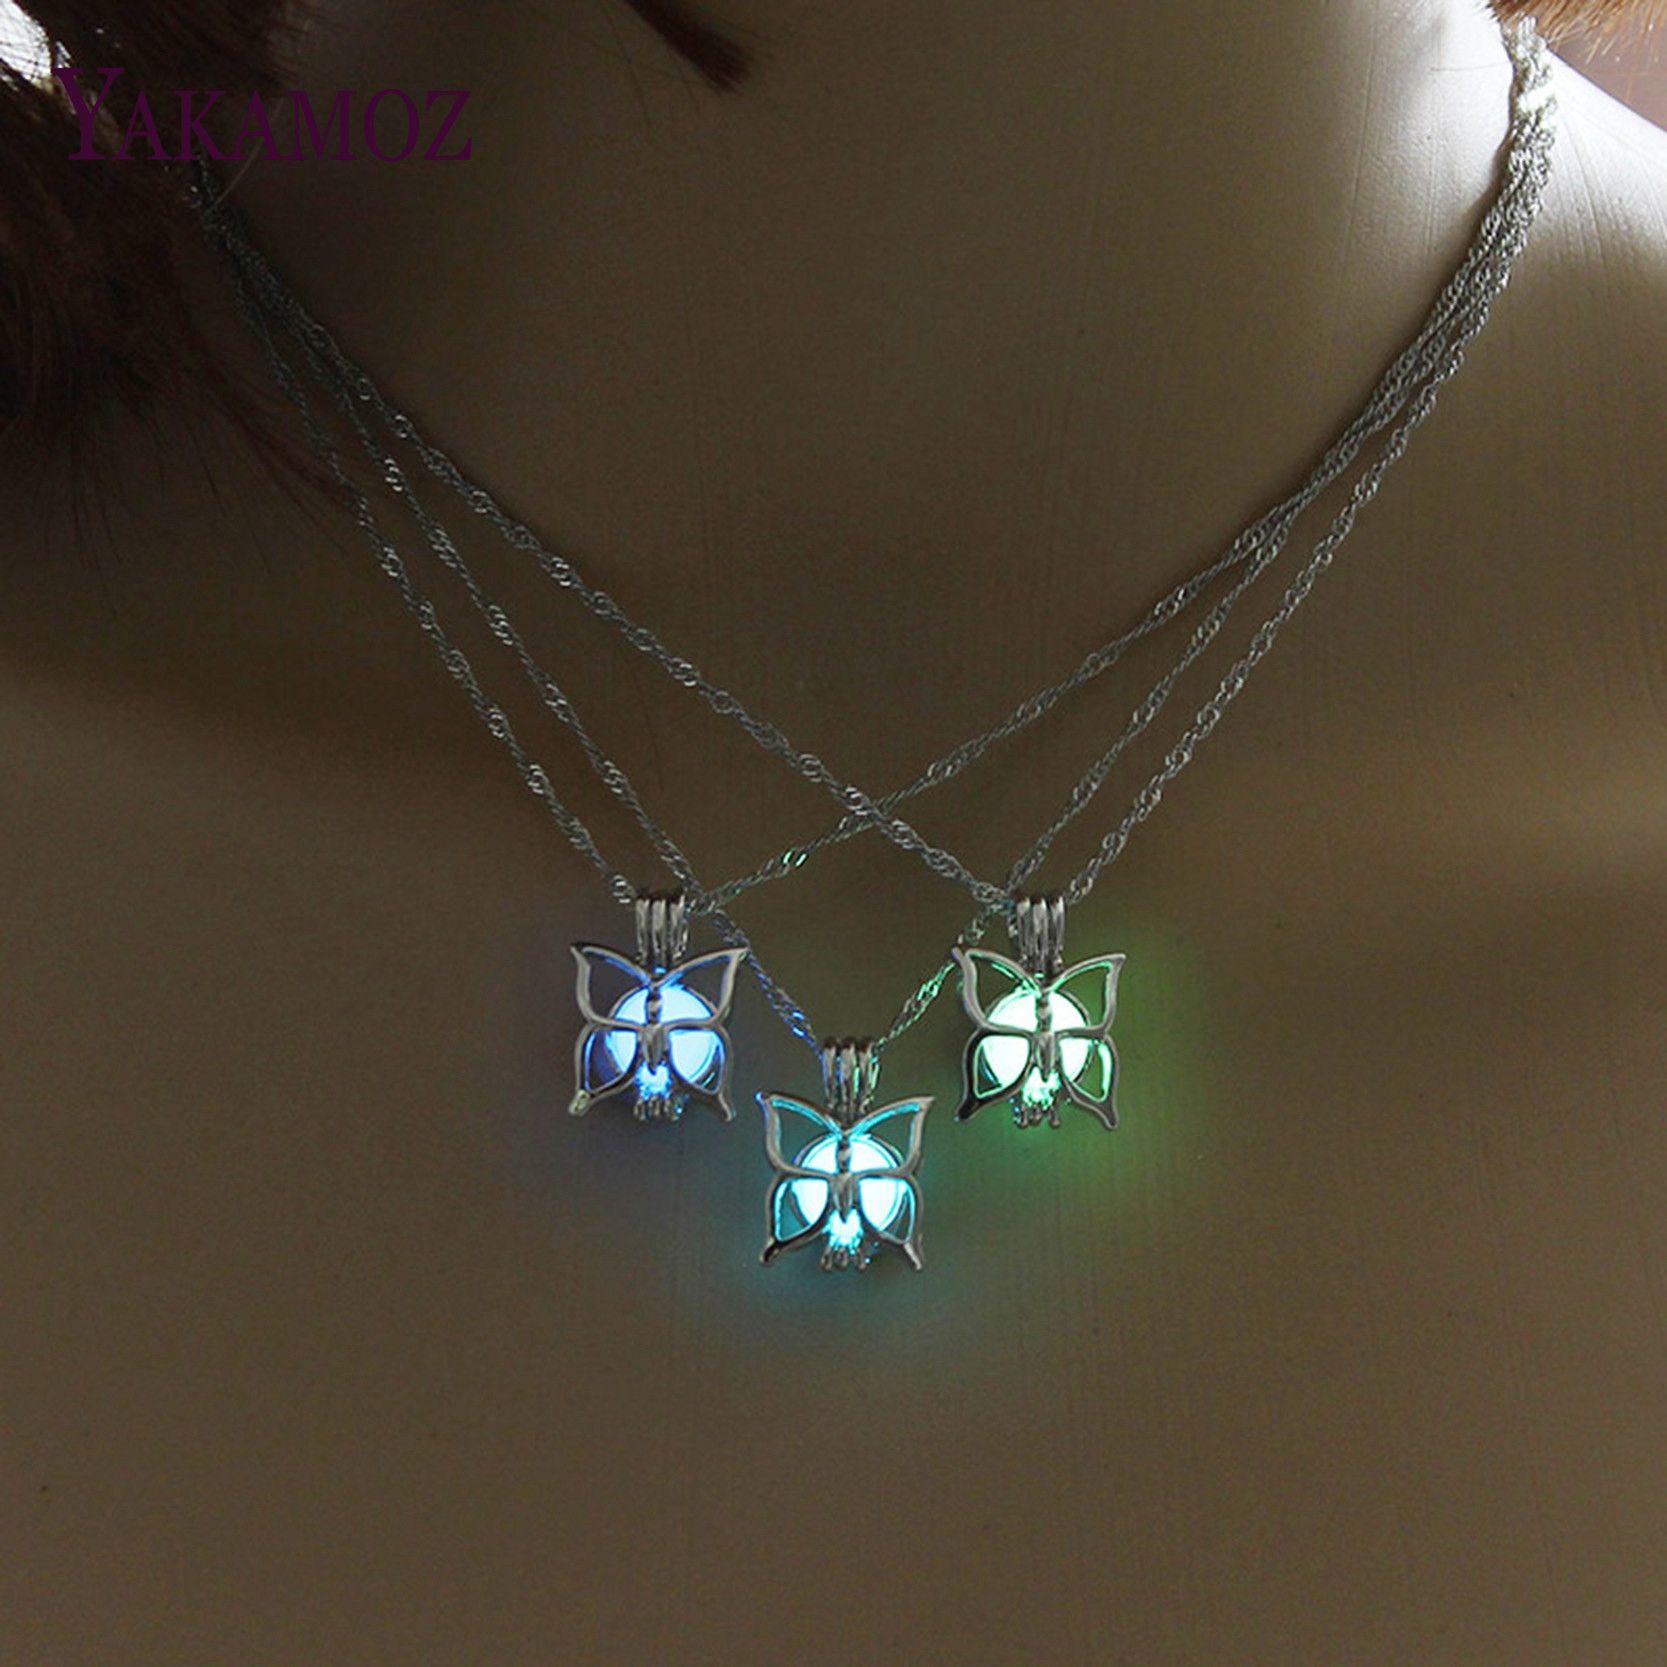 Şirin Kelebek Kolye karanlıkta Glow 3 Renkler Aydınlık Takı Charm Gerdanlık Vintage Kolye Kolye Kadın En Iyi Hediye